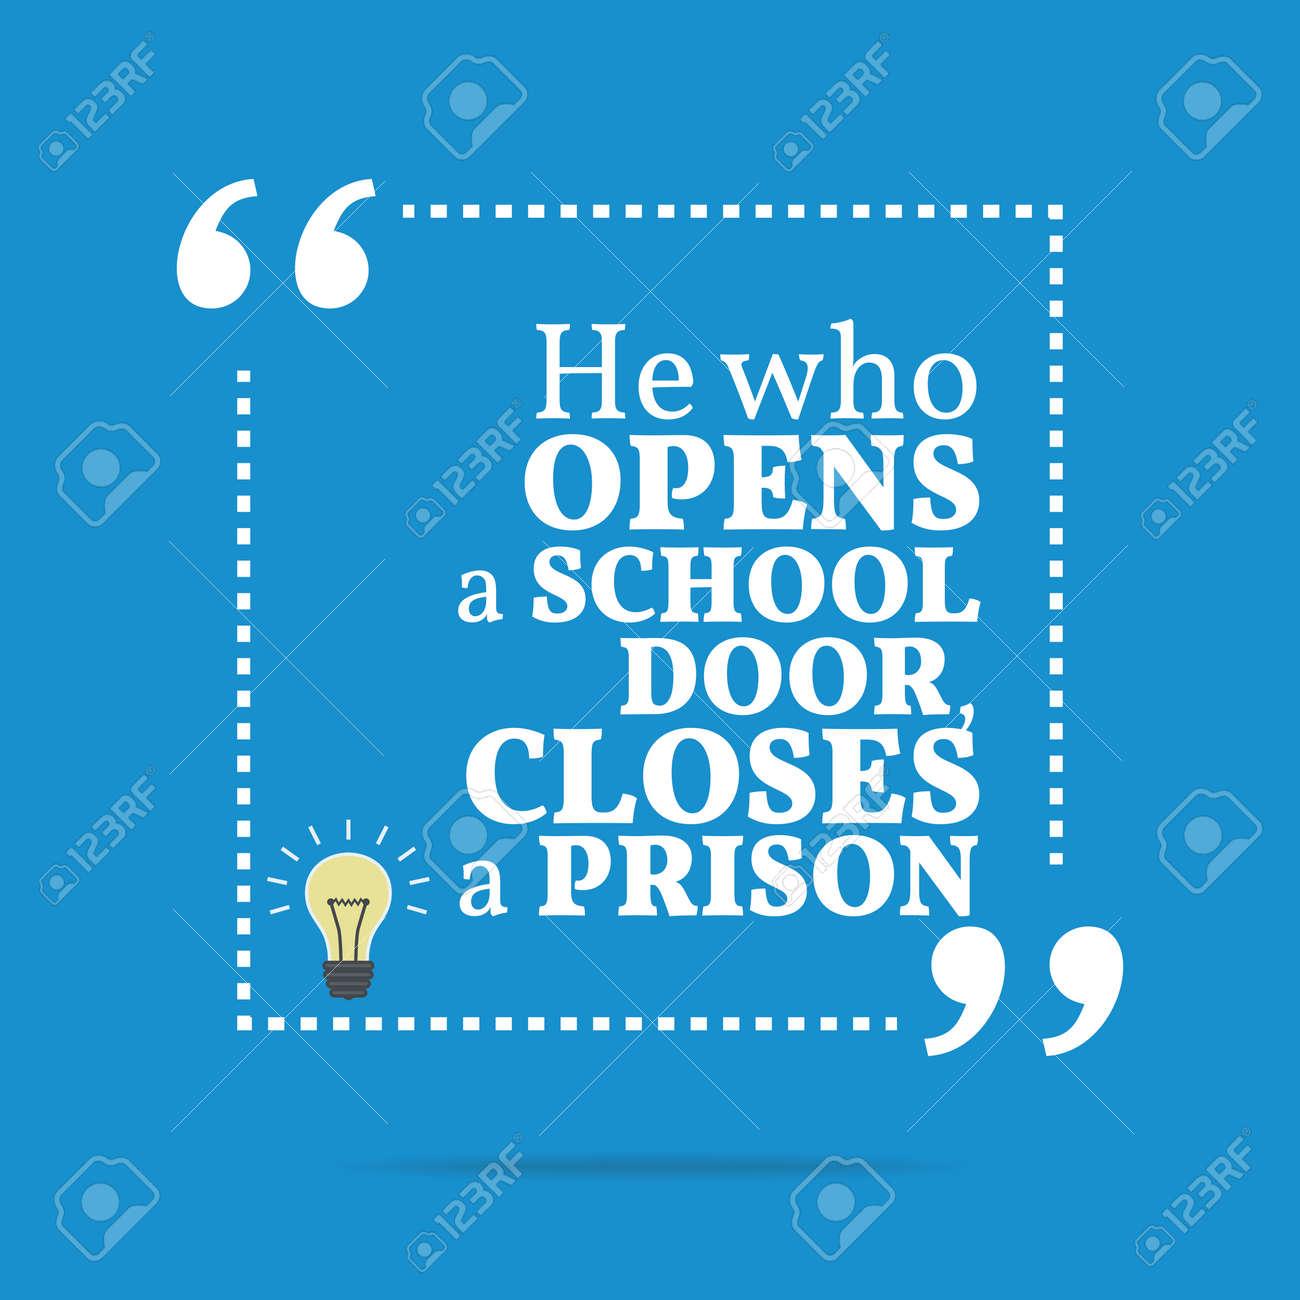 school door clipart. He Who Open A School Door, Closes Prison. Simple Door Clipart